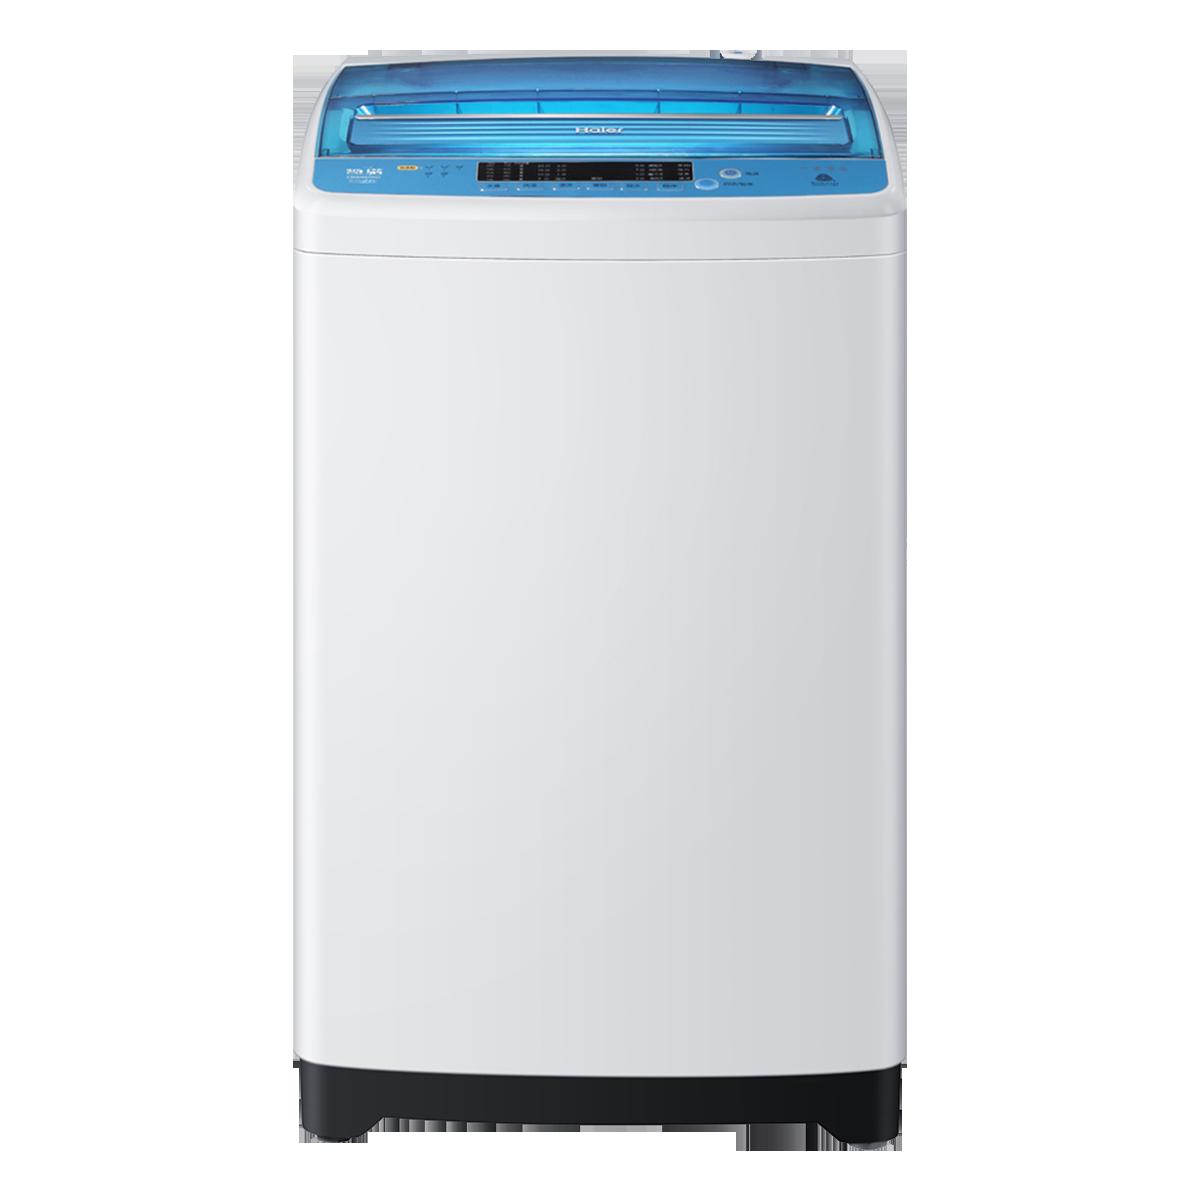 海尔Haier洗衣机 EB80M2WD 说明书